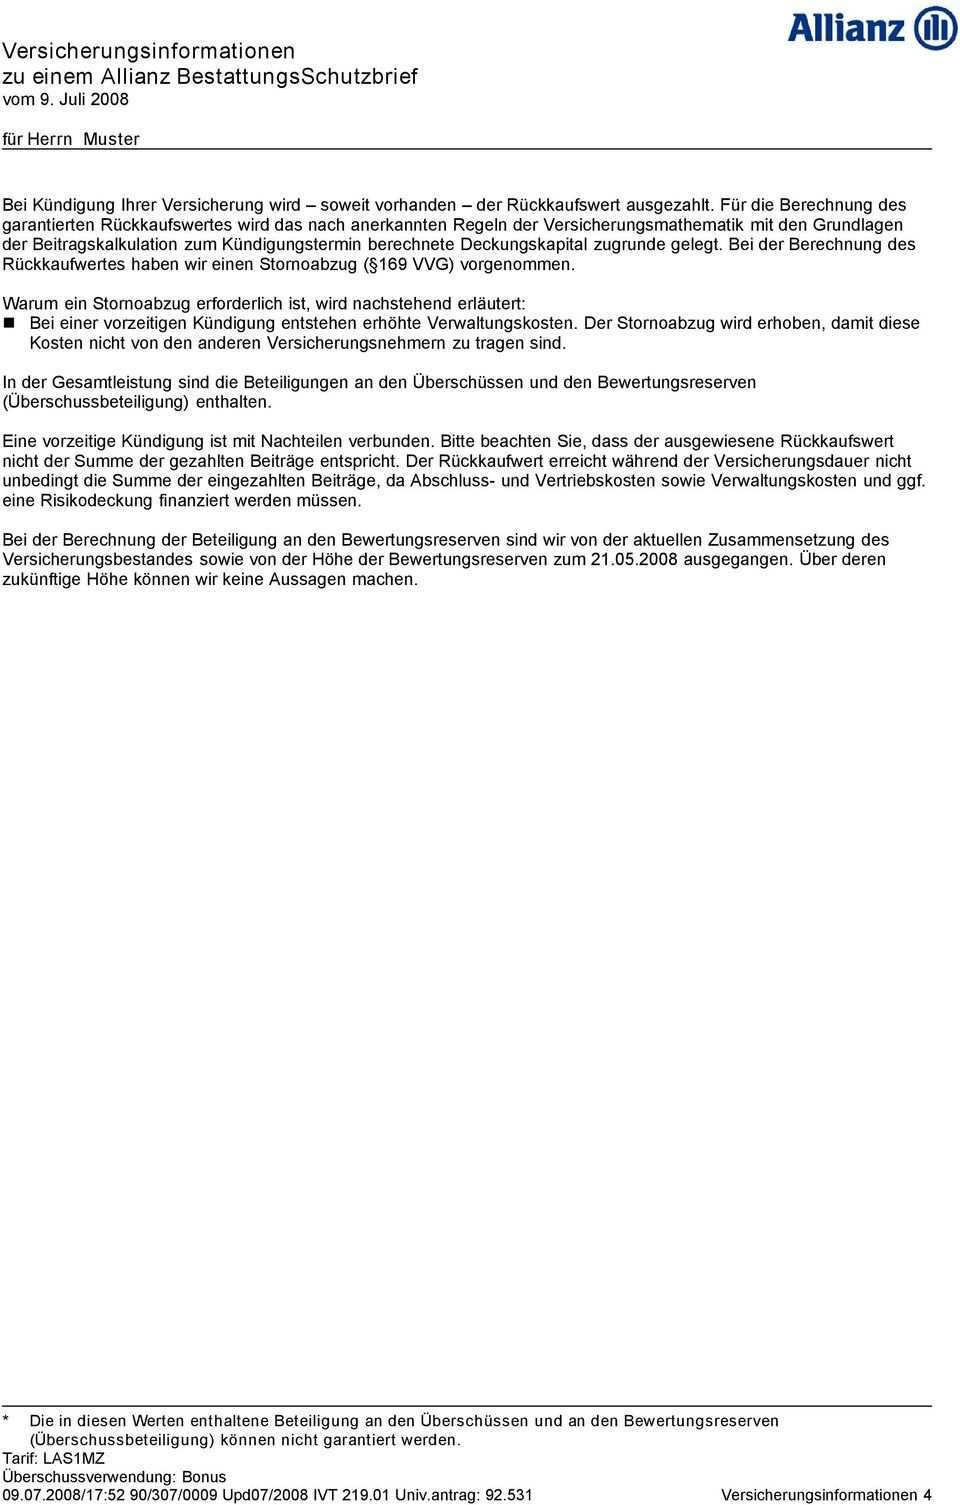 Versicherungsinformationen Zu Einem Allianz Bestattungsschutzbrief Vom 9 Juli Pdf Kostenfreier Download